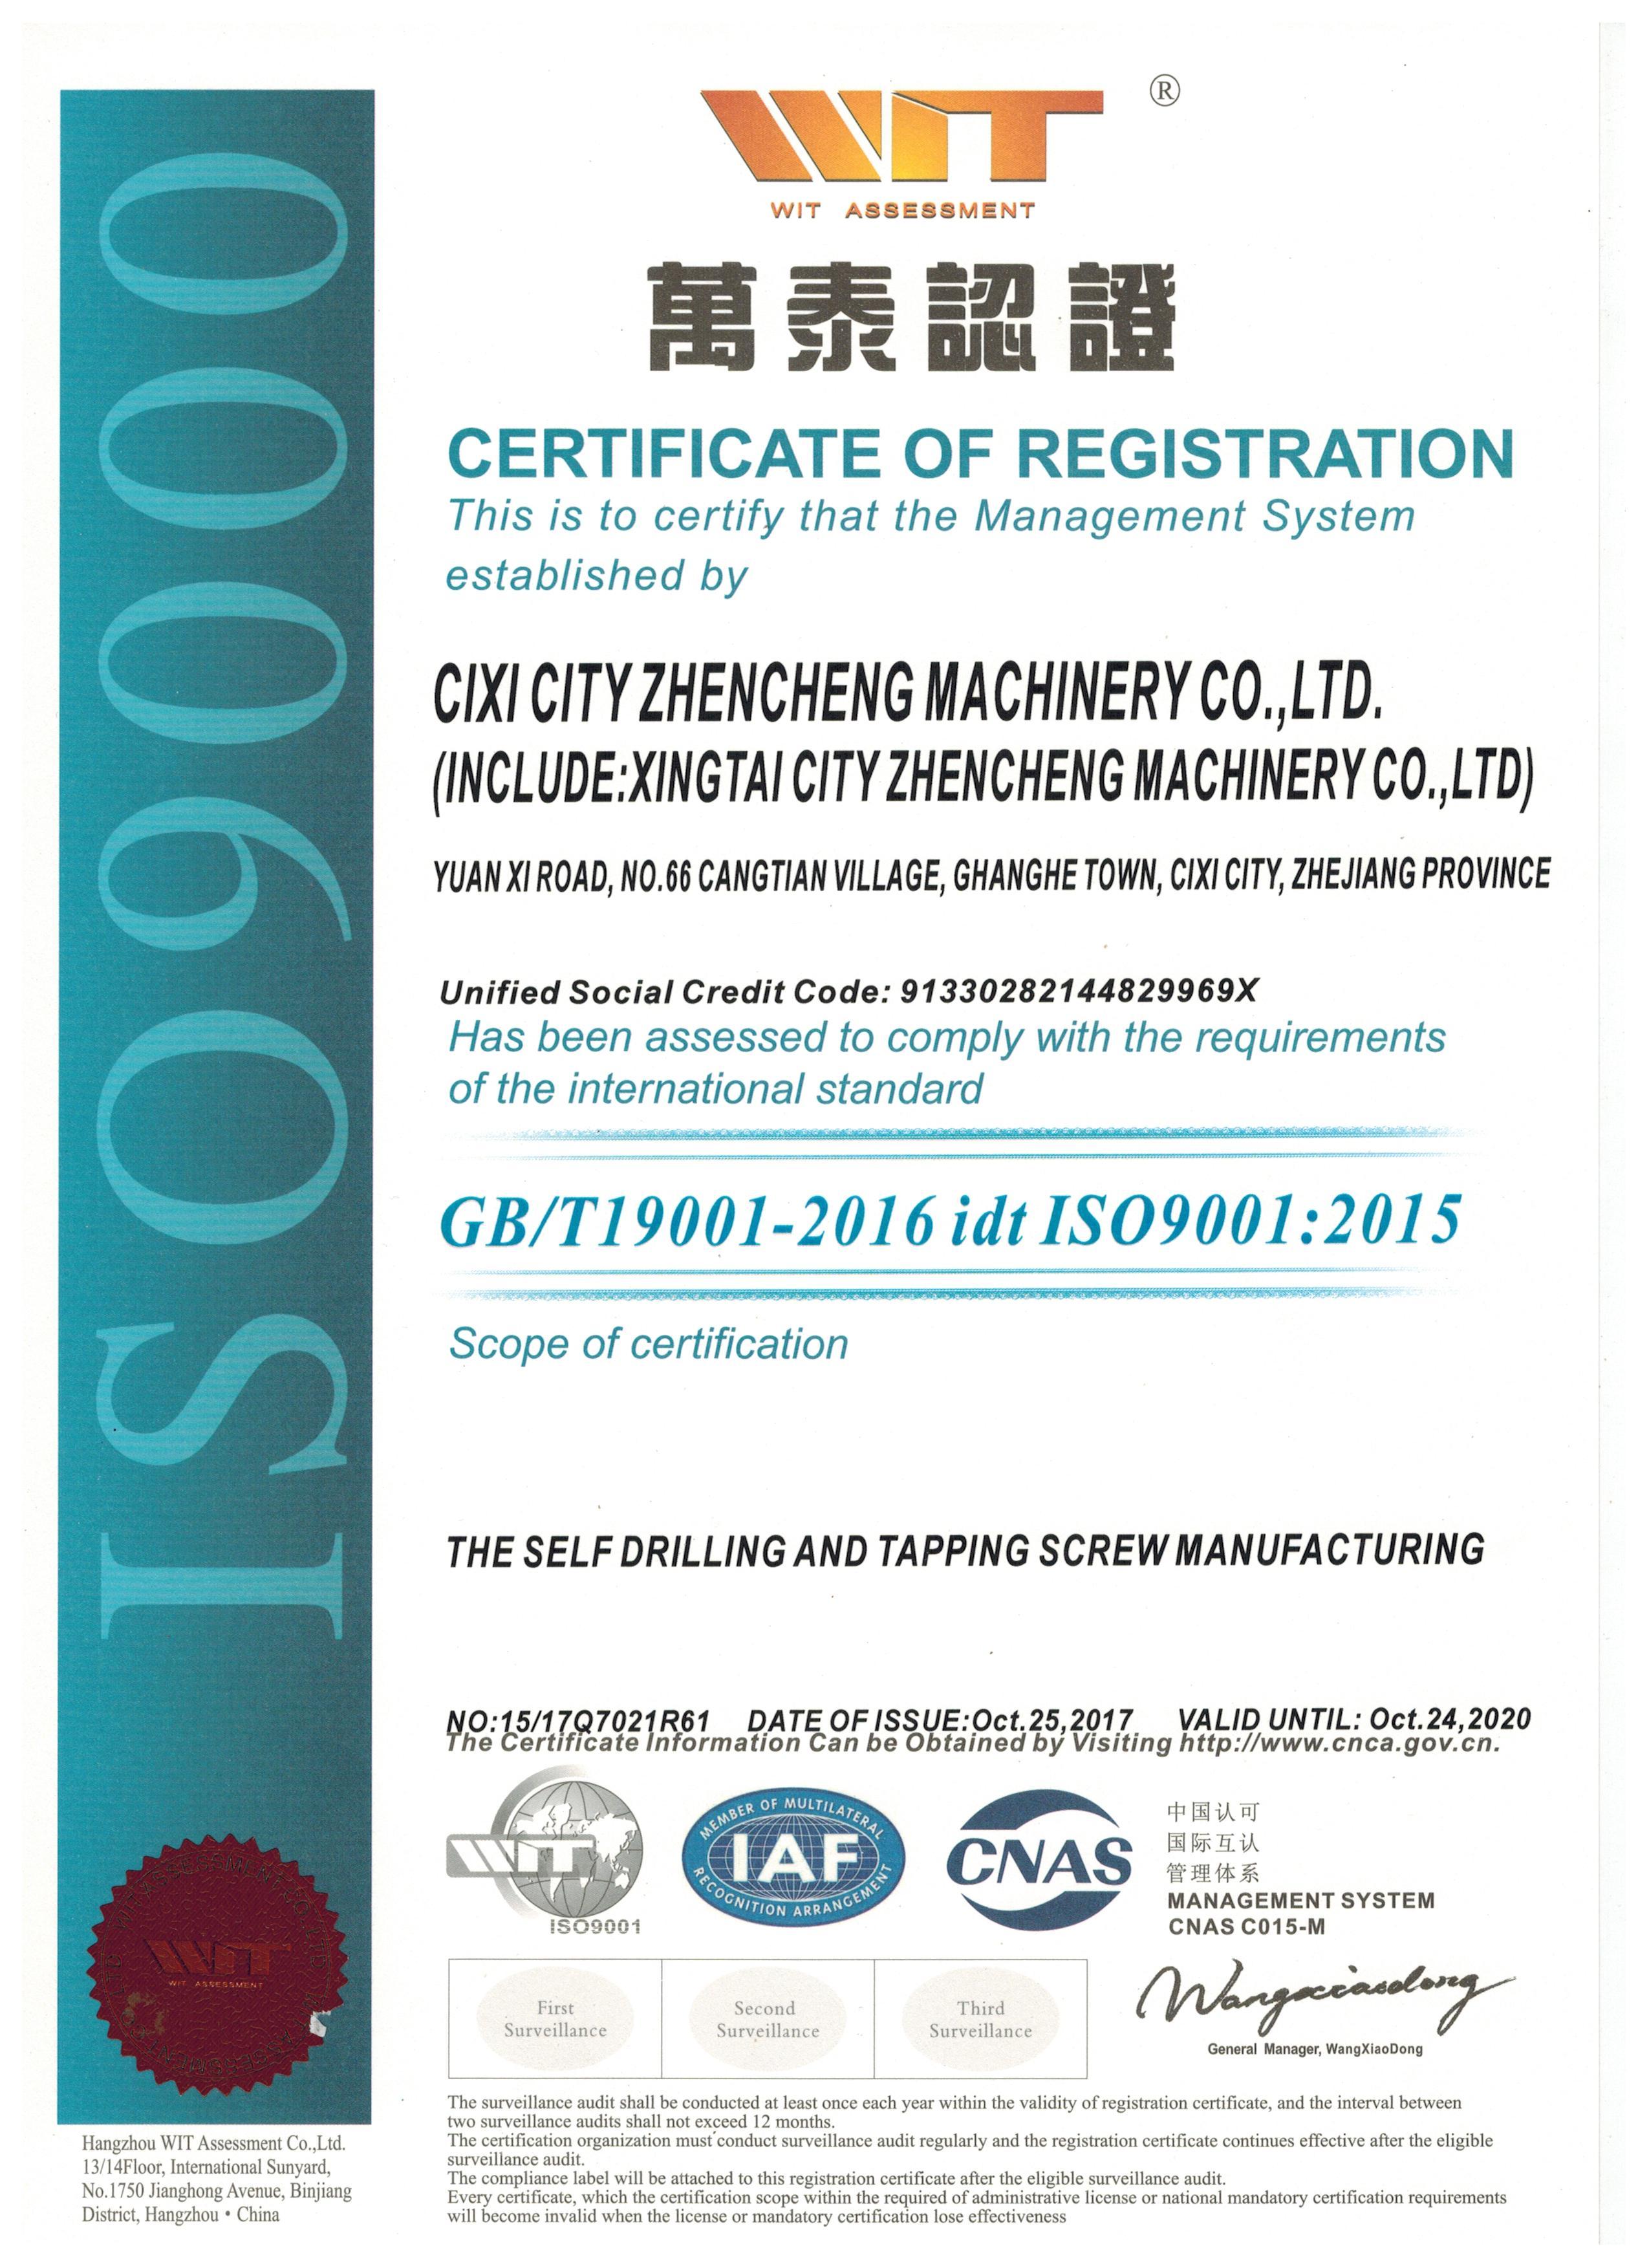 ISO9000 ਸਰਟੀਫਿਕੇਟ